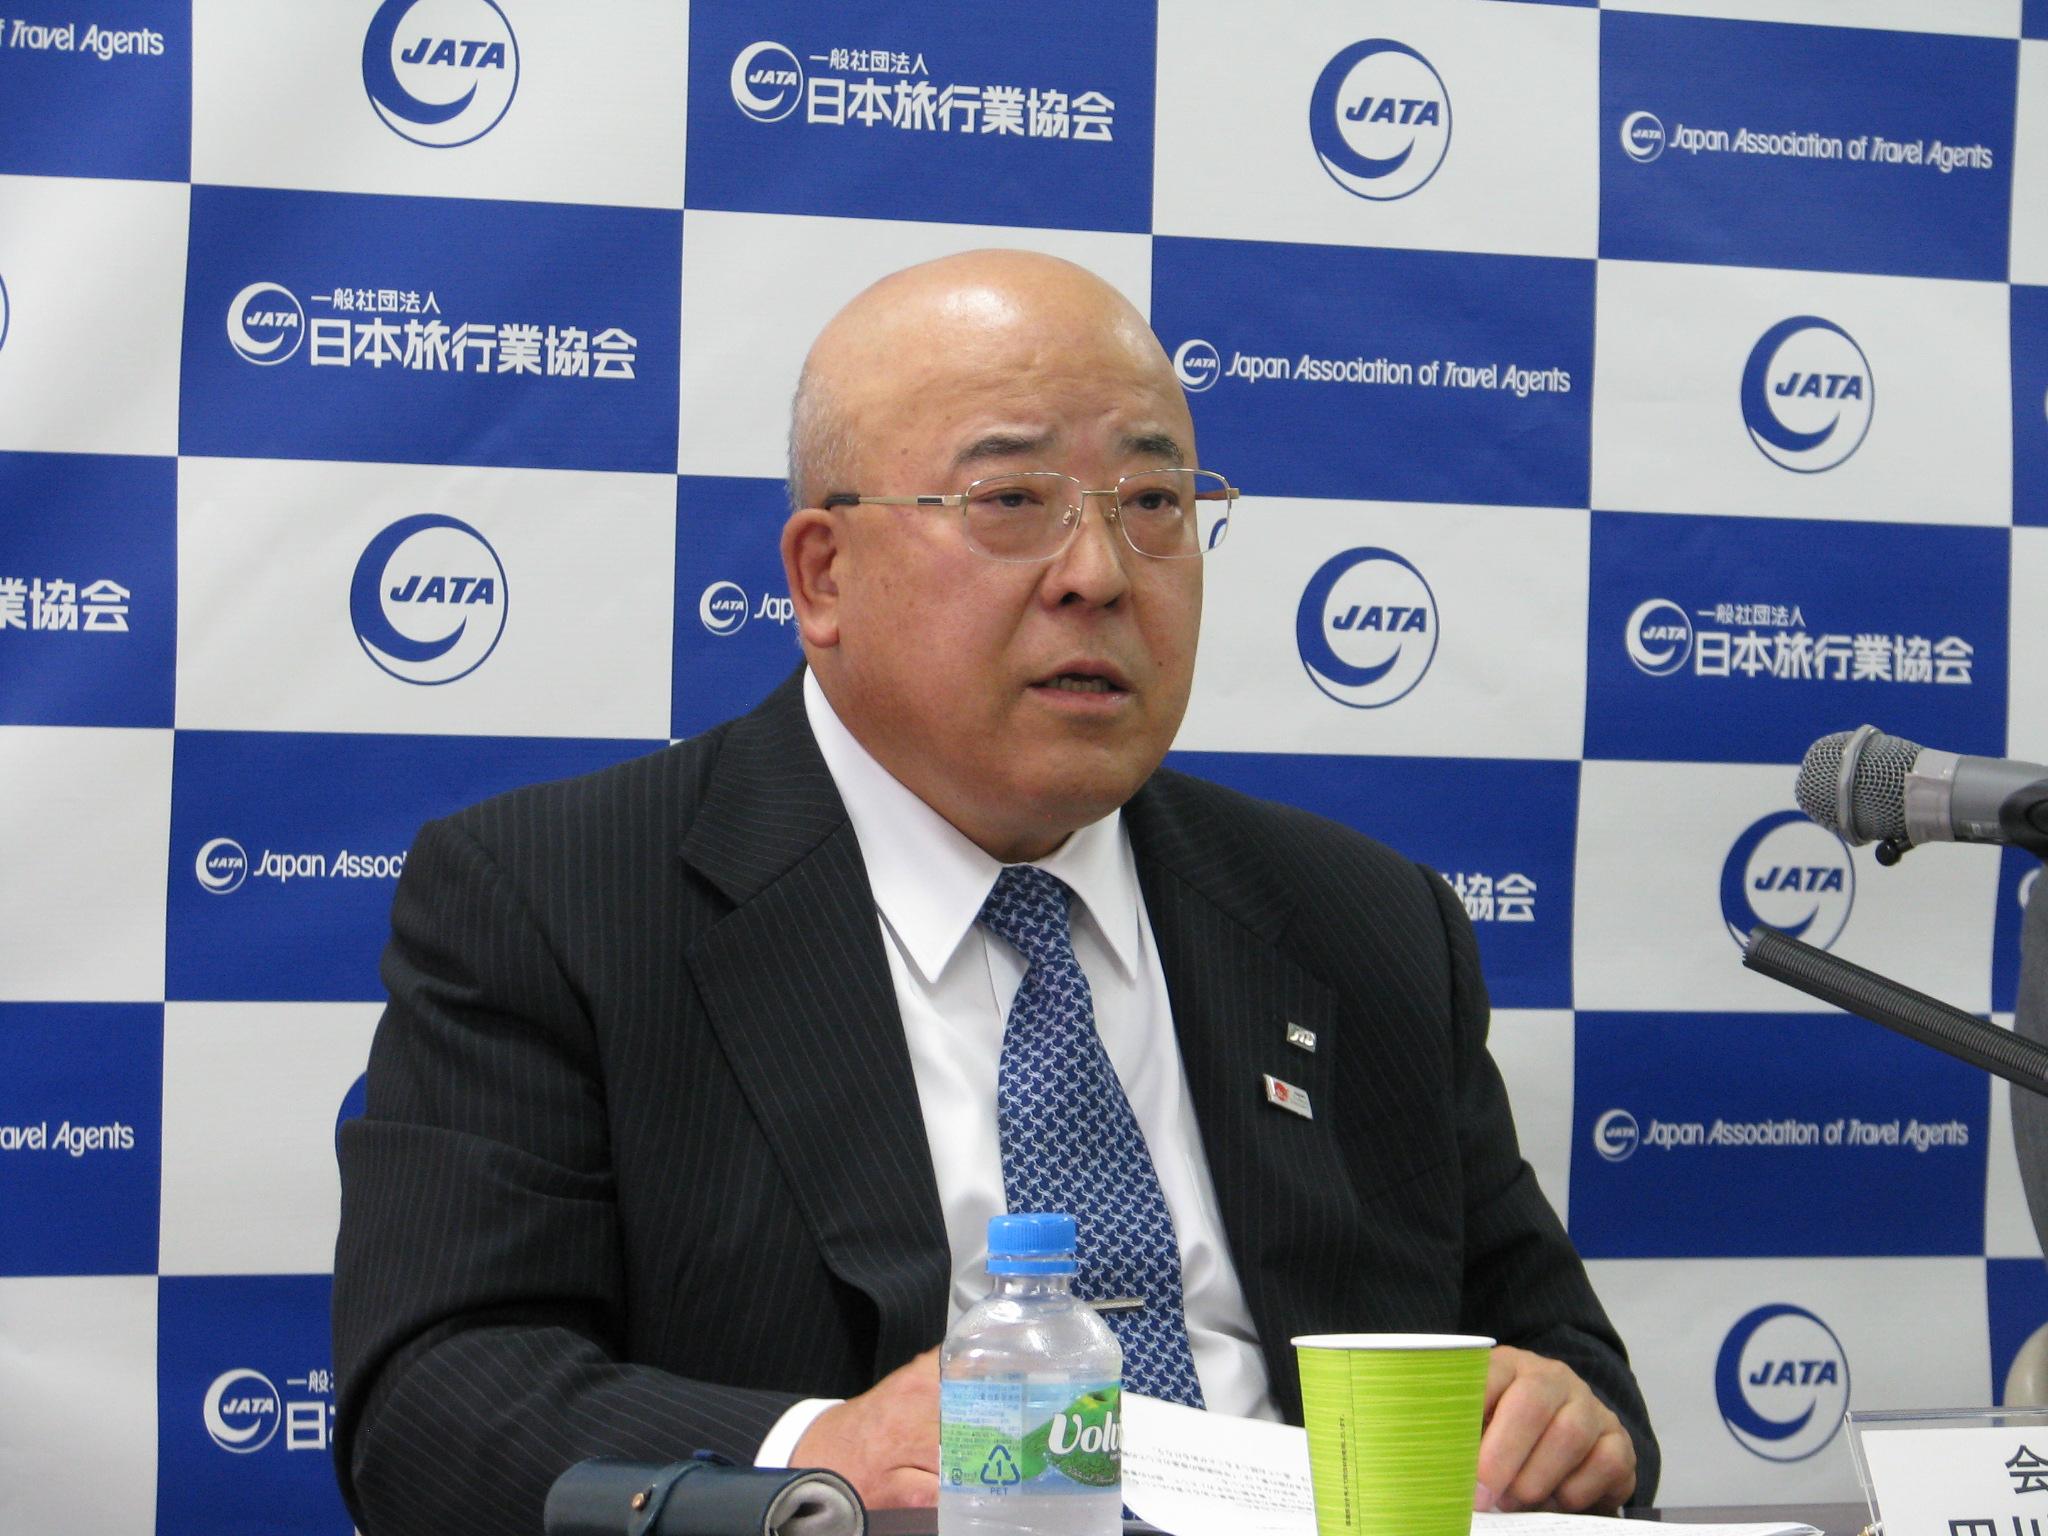 日本旅行業協会、田川会長が語った「英国のEU離脱」から「ITセキュリティ」まで